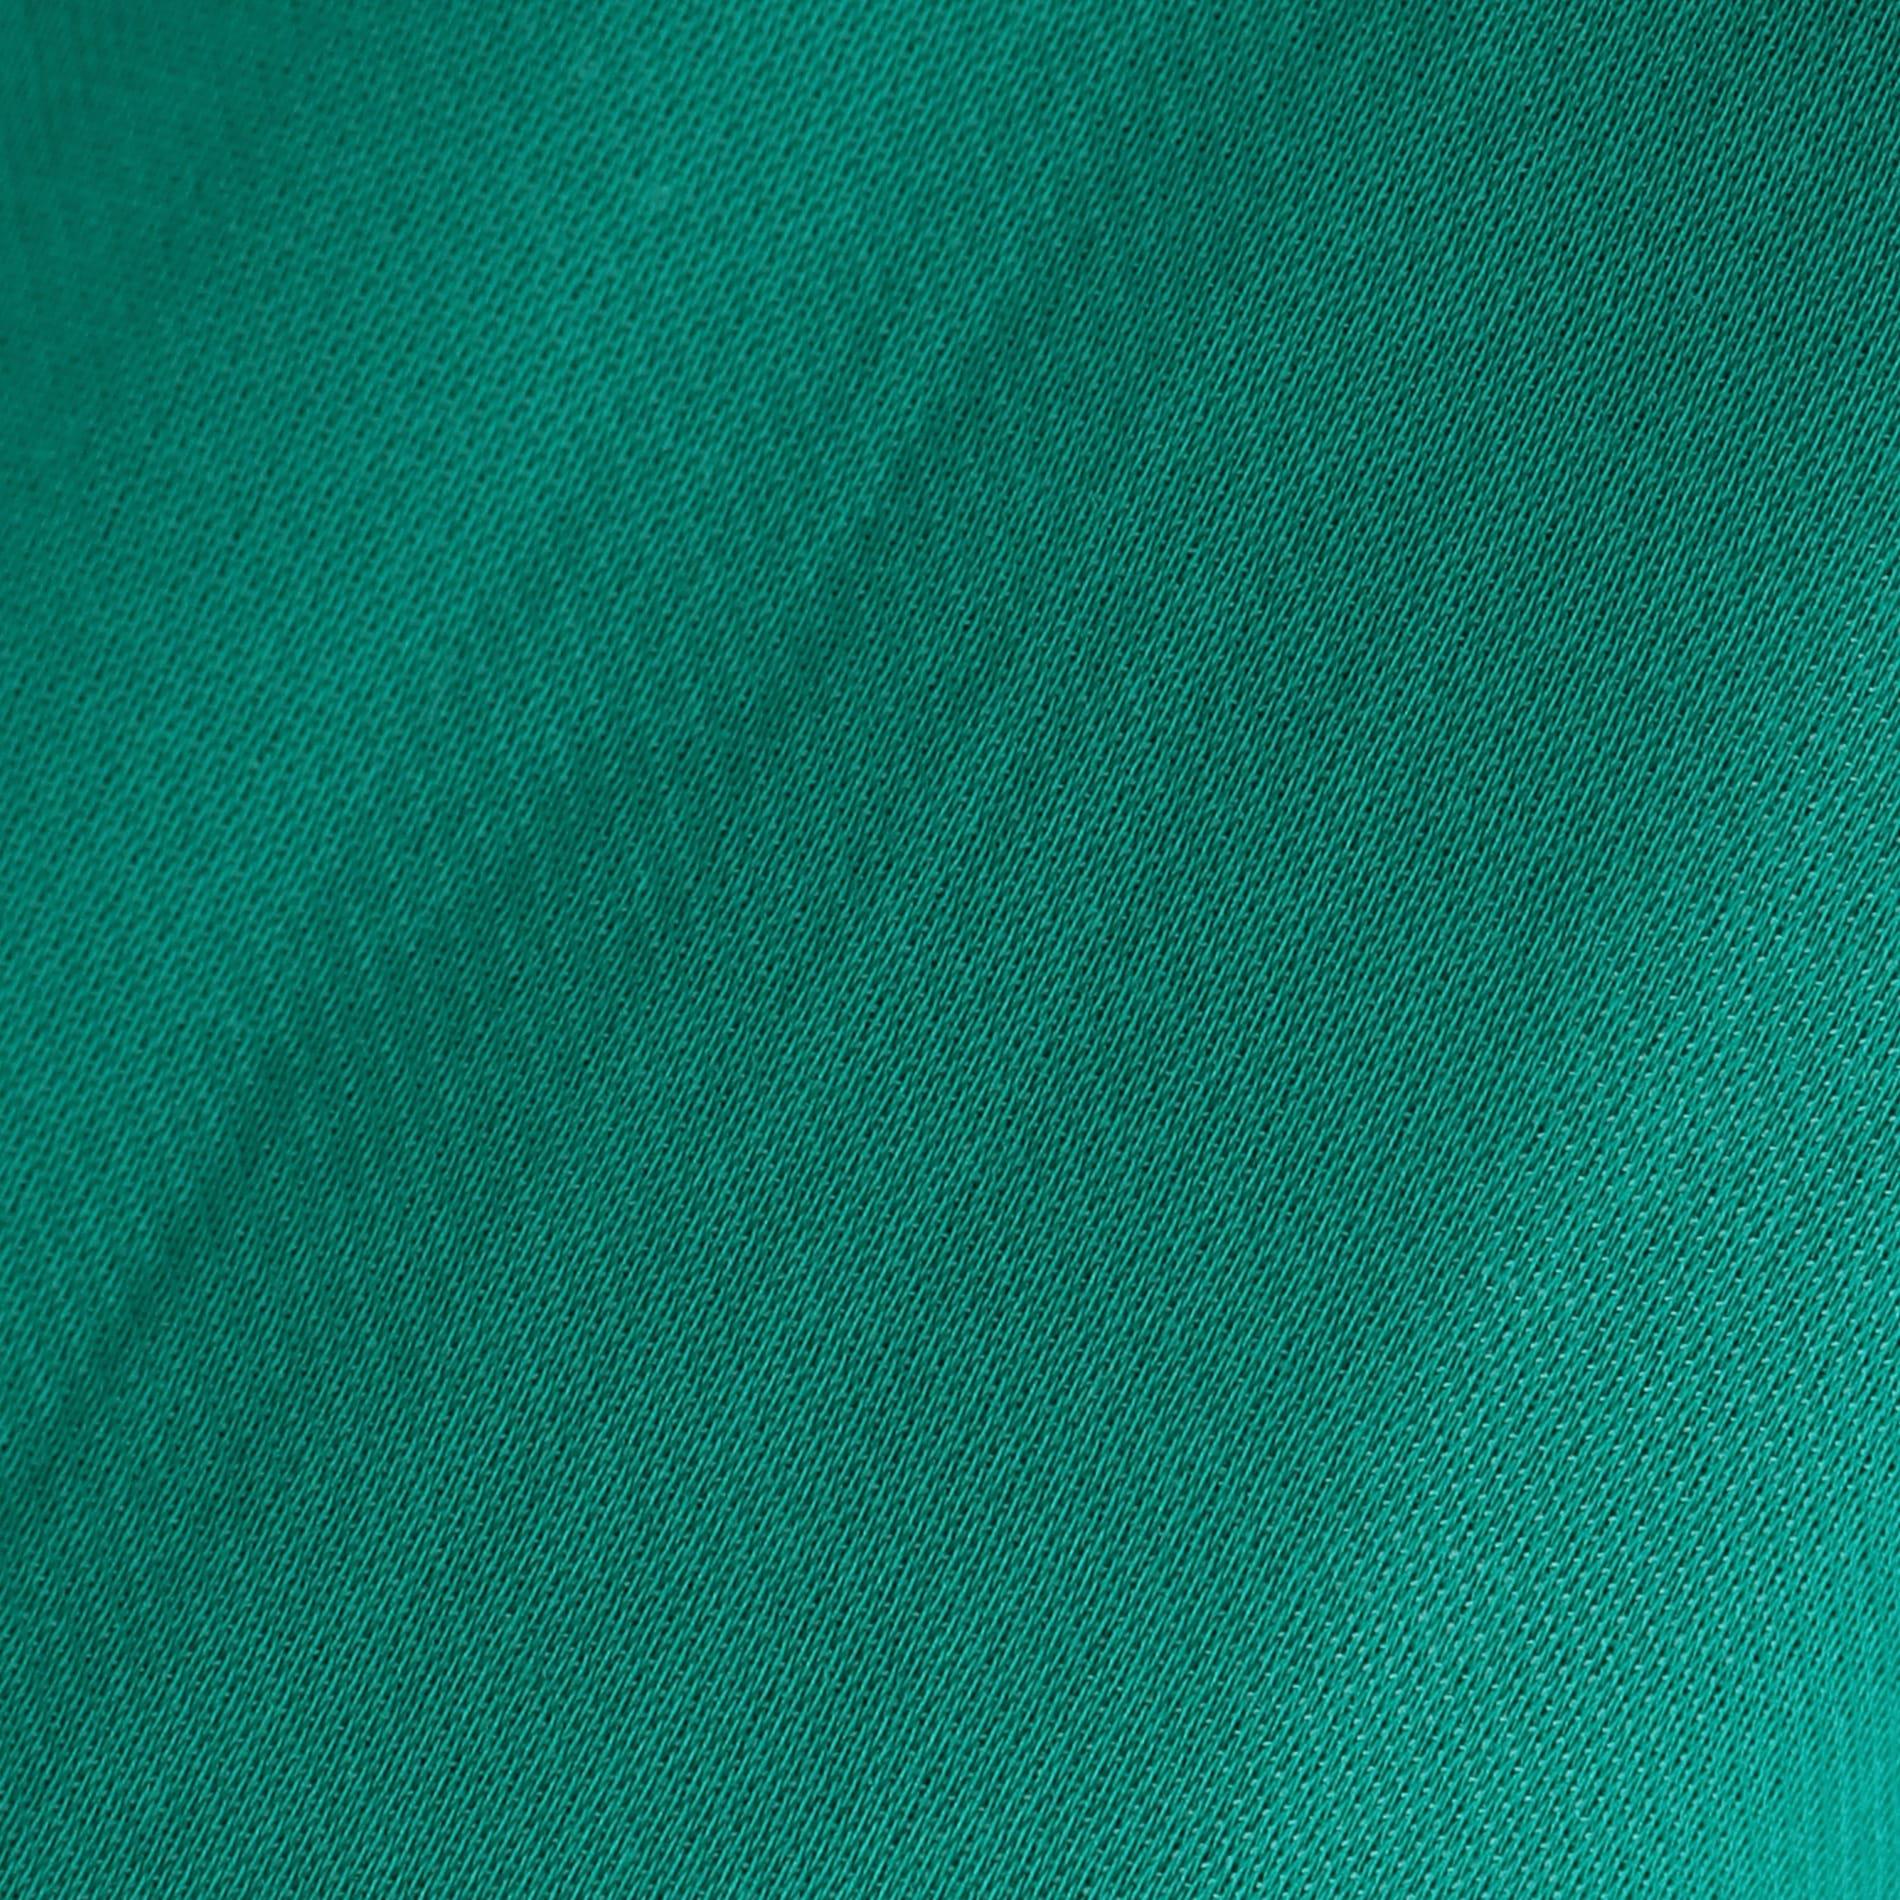 ティアード シャツドレス